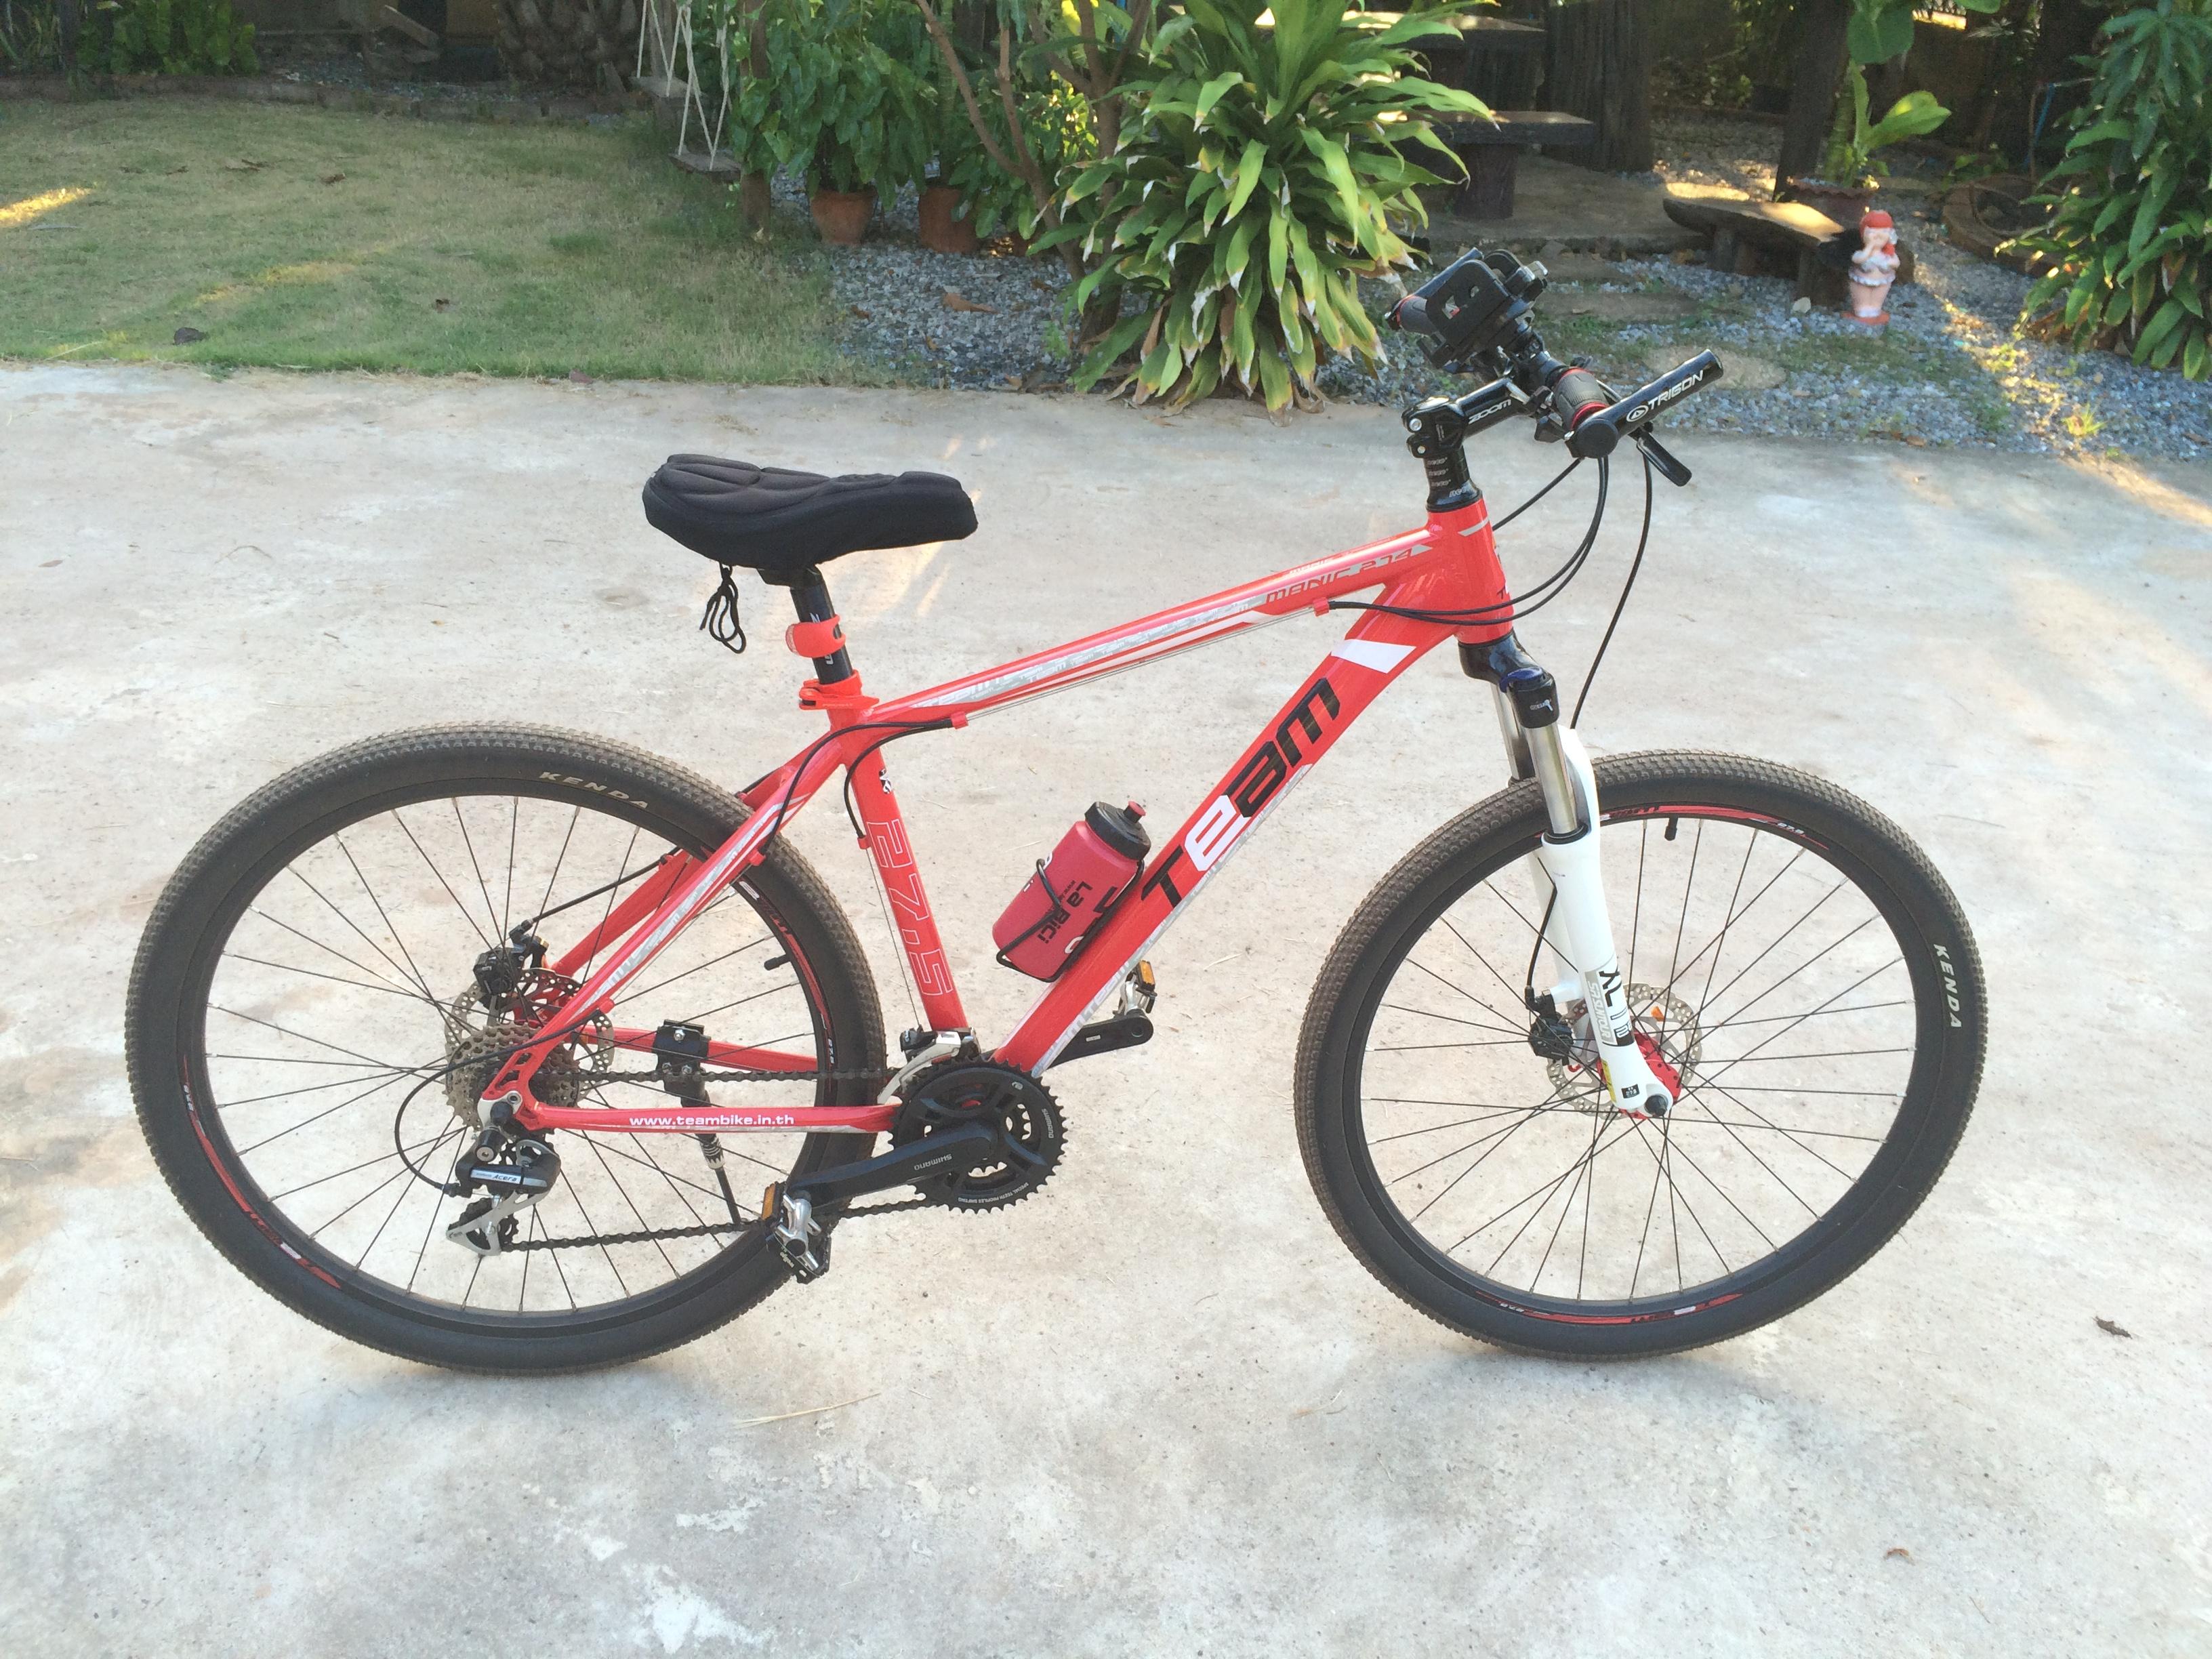 The red Team bike